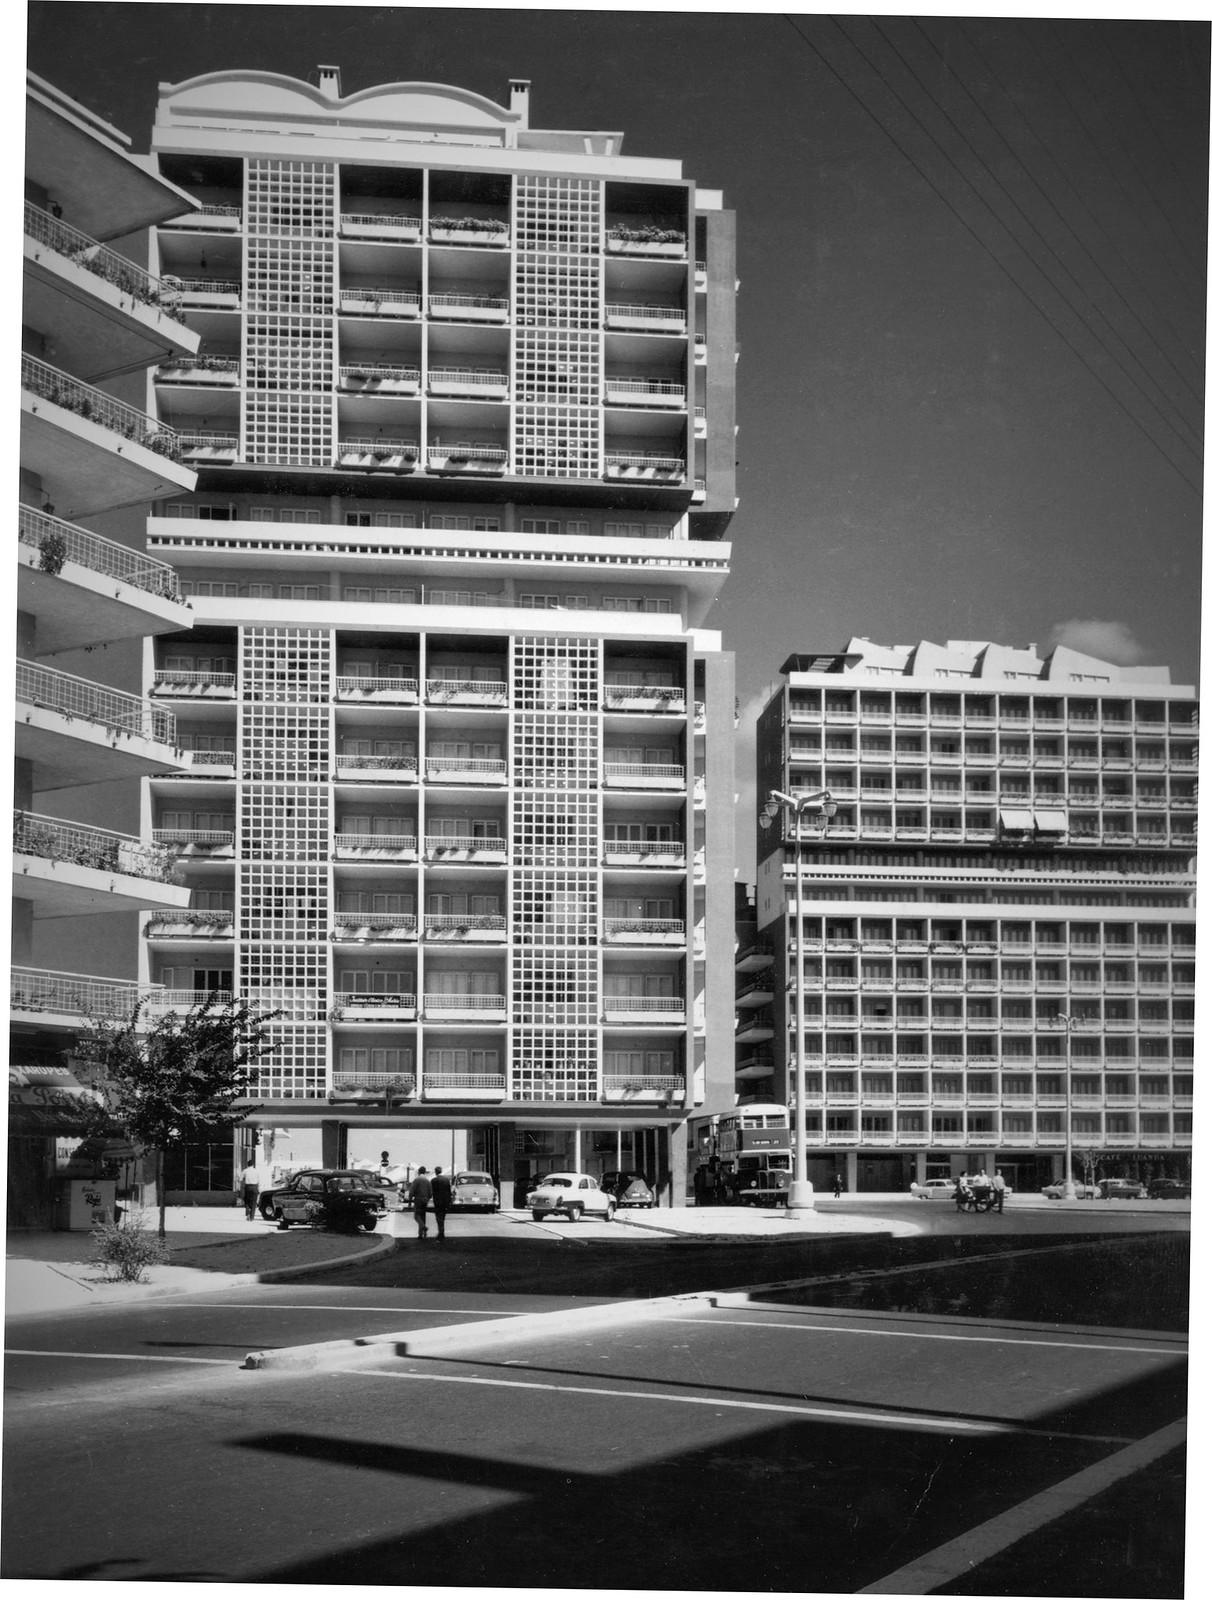 Av. de Roma, Lisboa (A. Serôdio, 1963)